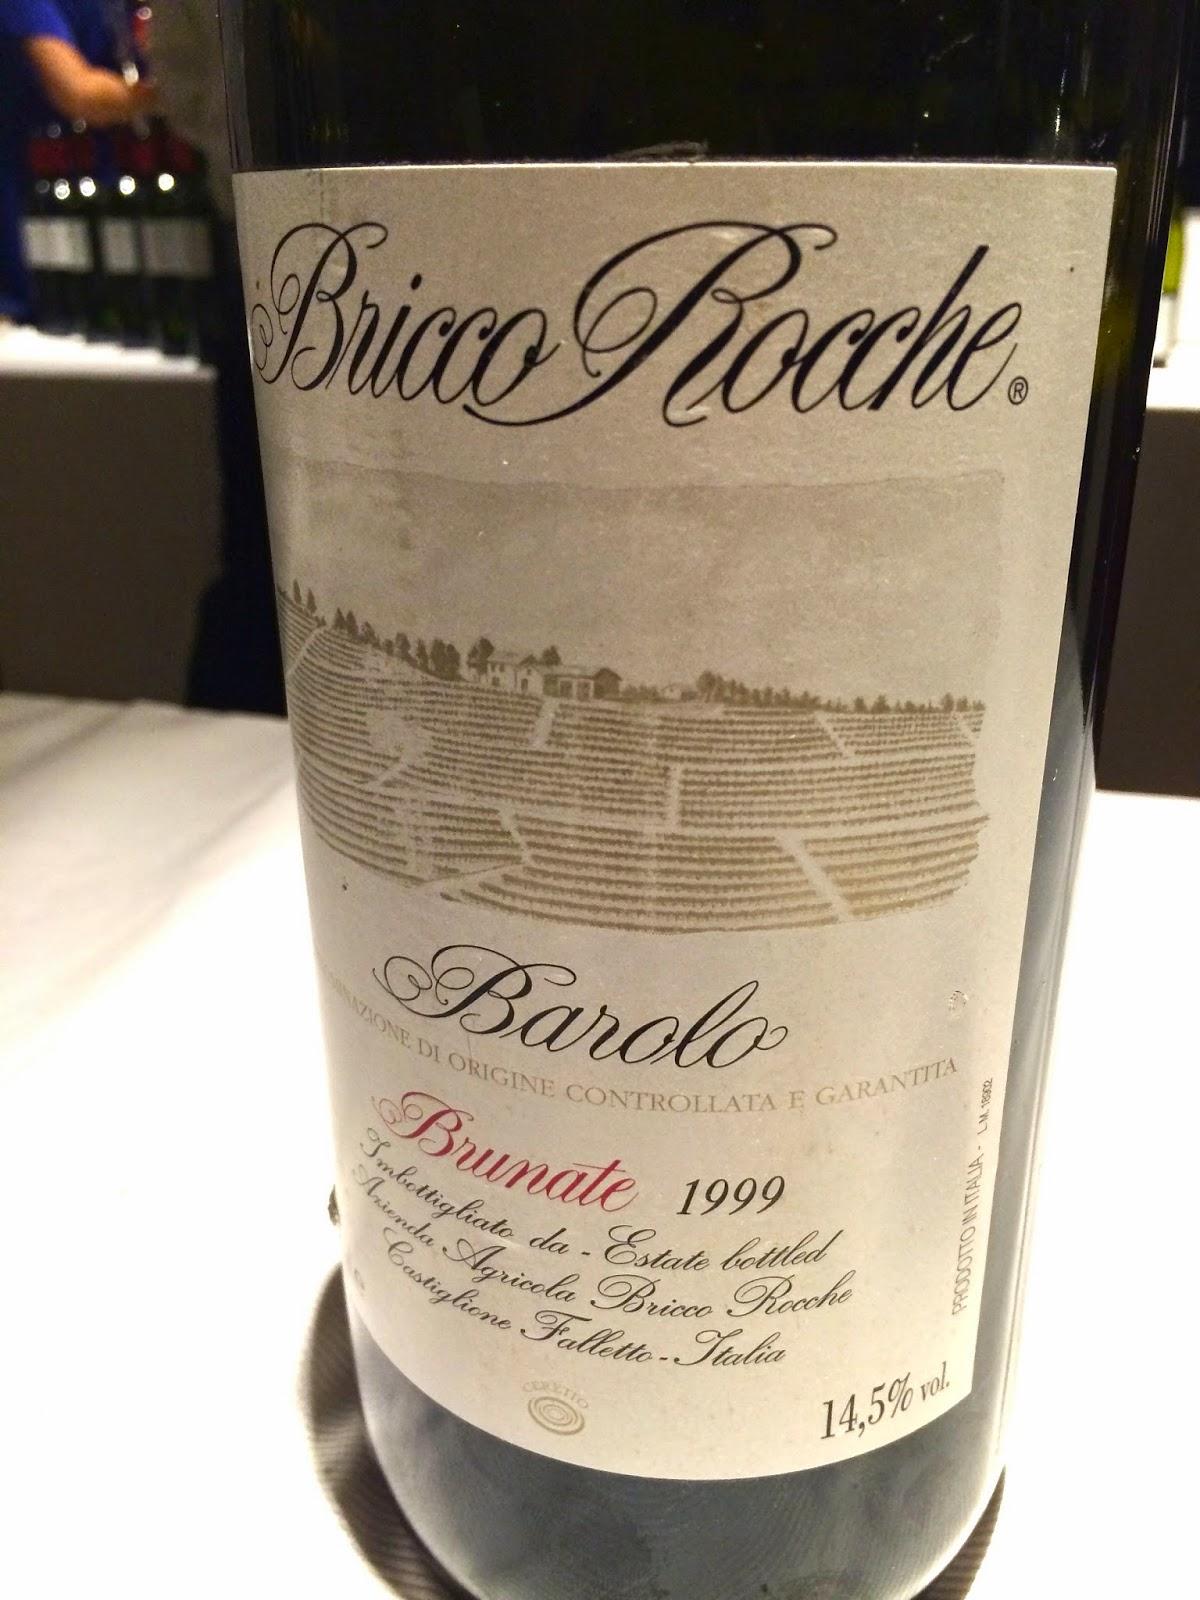 Barolo Brunate Ceretto 1999 Ceretto Barolo Brunate